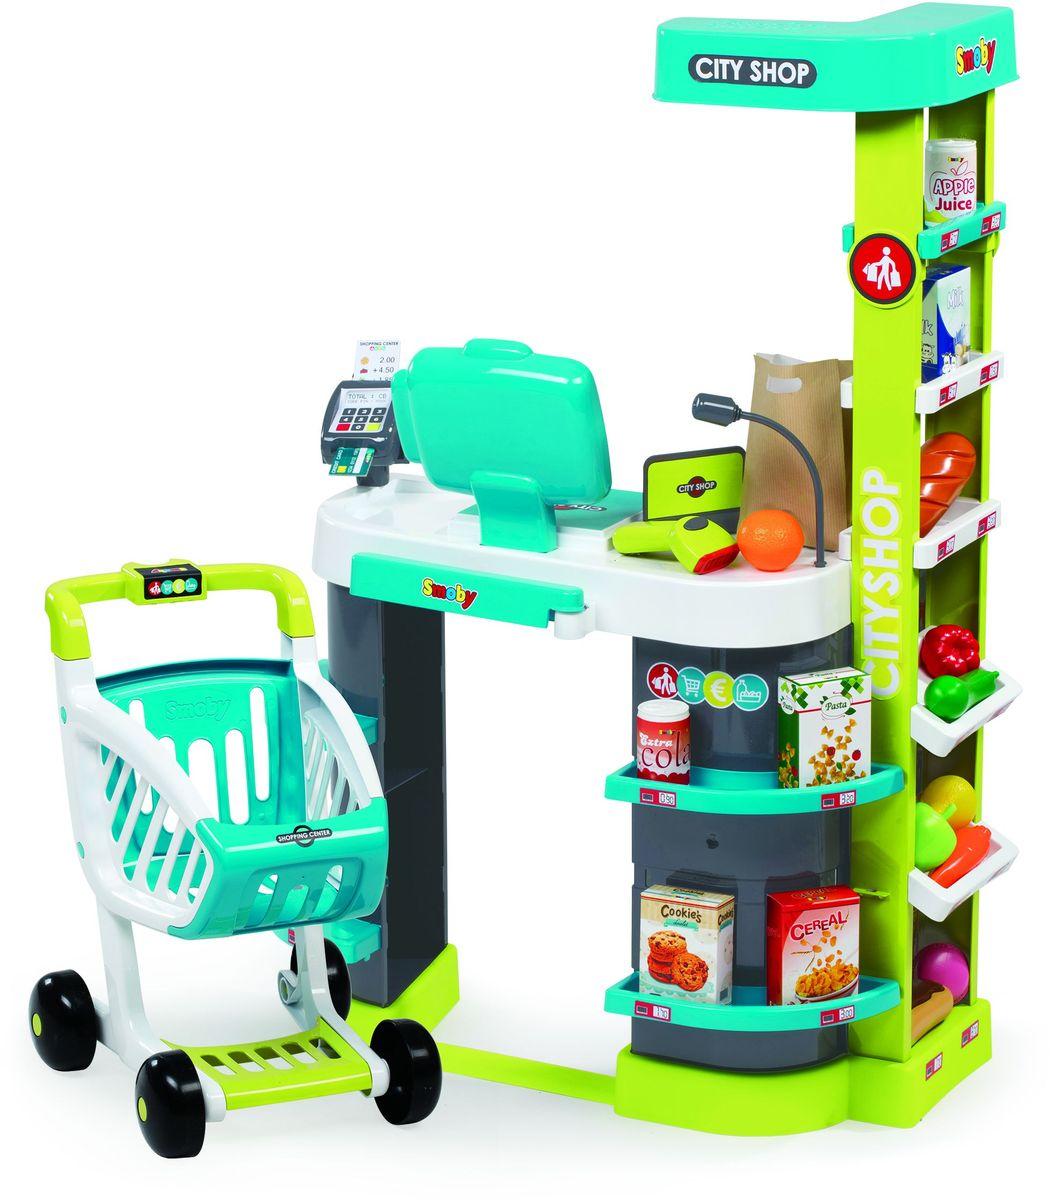 Smoby Игровой набор City Shop350207Игровой набор Smoby City Shop представляет собой кассу-прилавок со всеми атрибутами настоящего супермаркета. С таким набором ребенок может организовать увлекательную сюжетно-ролевую игру, в которой он представит себя опытным продавцом или покупателем. В наборе имеются все необходимые предметы для осуществления торговой деятельности. Касса-прилавок имеет несколько полок, на которых расставлены товары для продажи. Покупатель может выбрать товар и положить его в удобную тележку с регулируемой ручкой, на которой расположен замок с монетой для блокировки. В комплекте имеются весы, с помощью которых можно взвешивать продуктовые товары. Товары можно сканировать на кассе, при этом раздастся характерный для этого действия звук. Кроме того, в наборе имеется терминал для приема оплаты через пластиковые карты и различные дополнительные предметы, такие как денежные купюры, монеты, пакеты для упаковки товаров. В комплект входят: касса с прилавками, тележка, 4 коробочки, кабачок, морковь,...